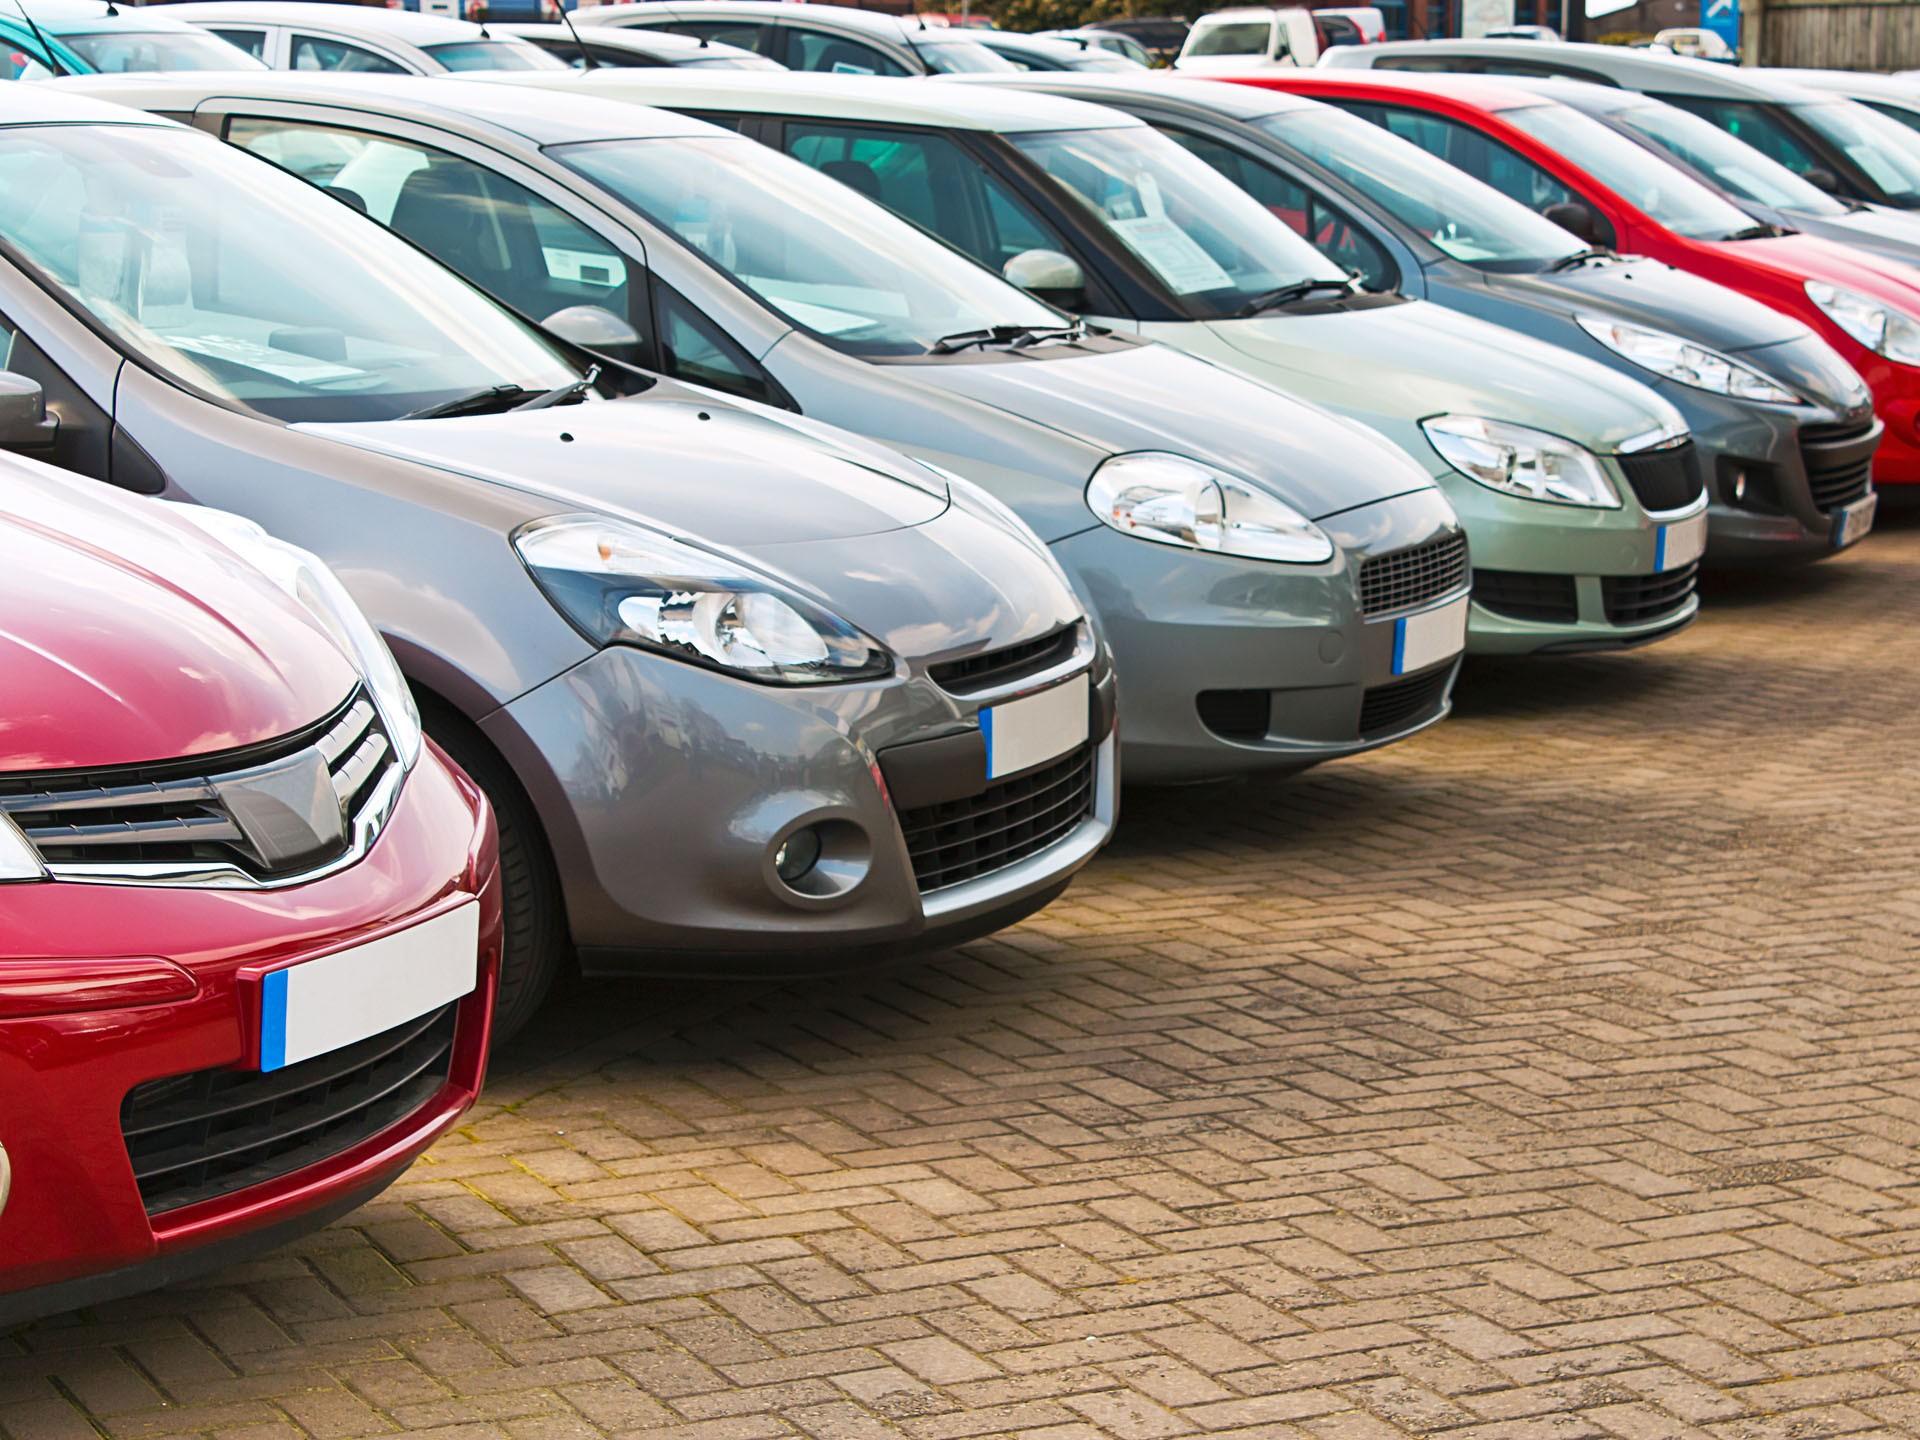 Авито Авто: эксперты выяснили, какие автомобили чаще всего меняют владельцев